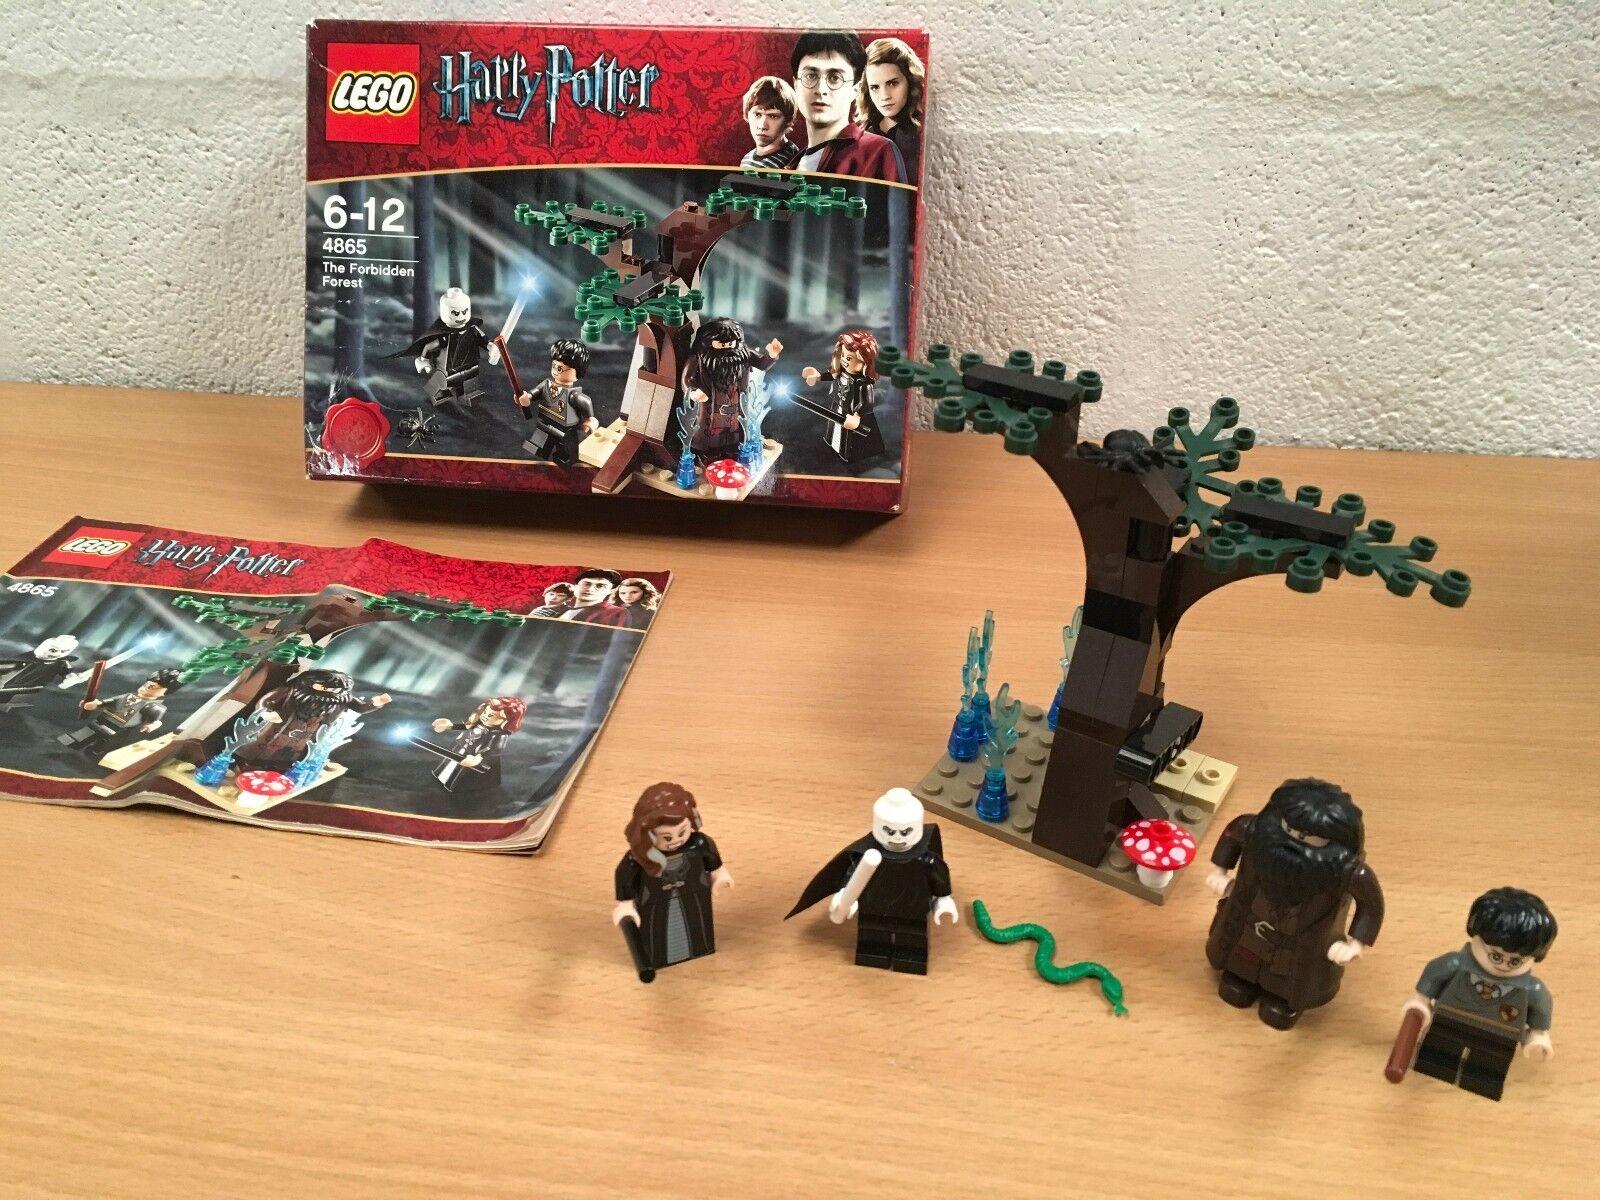 qualità ufficiale Harry Potter LEGO 4865 LA LA LA FORESTA PROIBITA completo in scatola in buonissima condizione  vanno a ruba